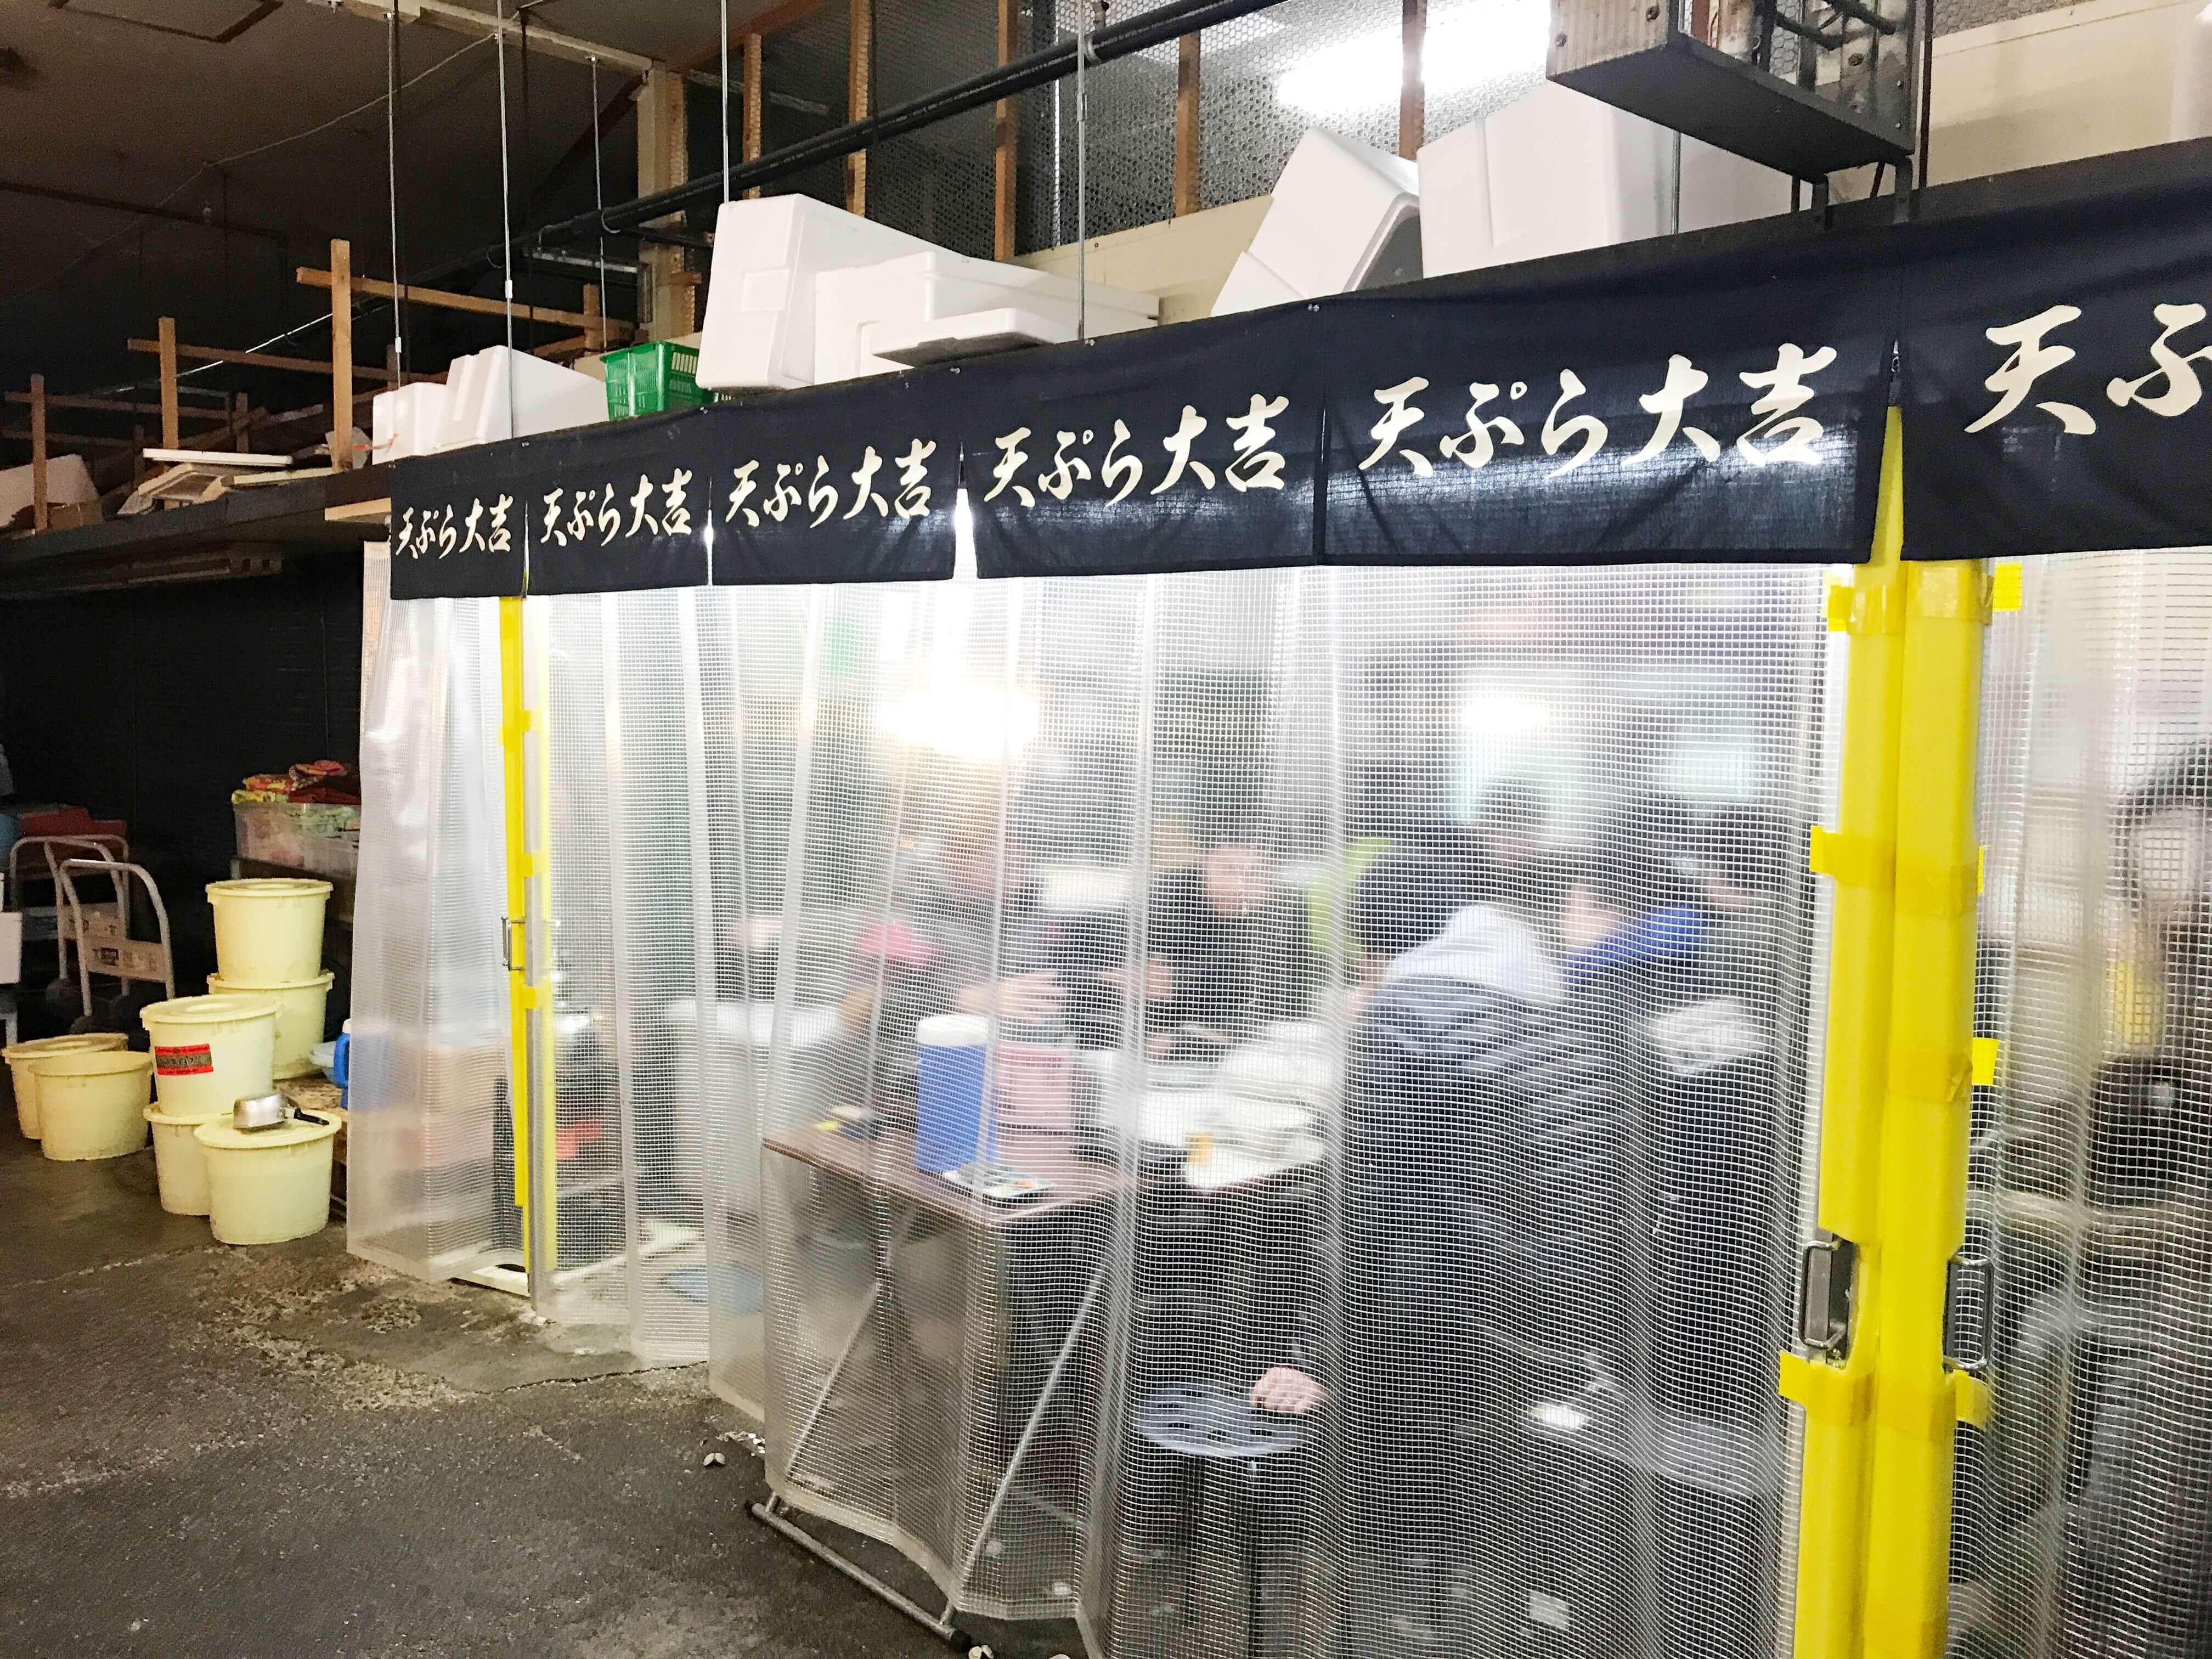 大阪、堺市にある行列のできる天ぷら屋。天ぷら大吉の店内の様子。